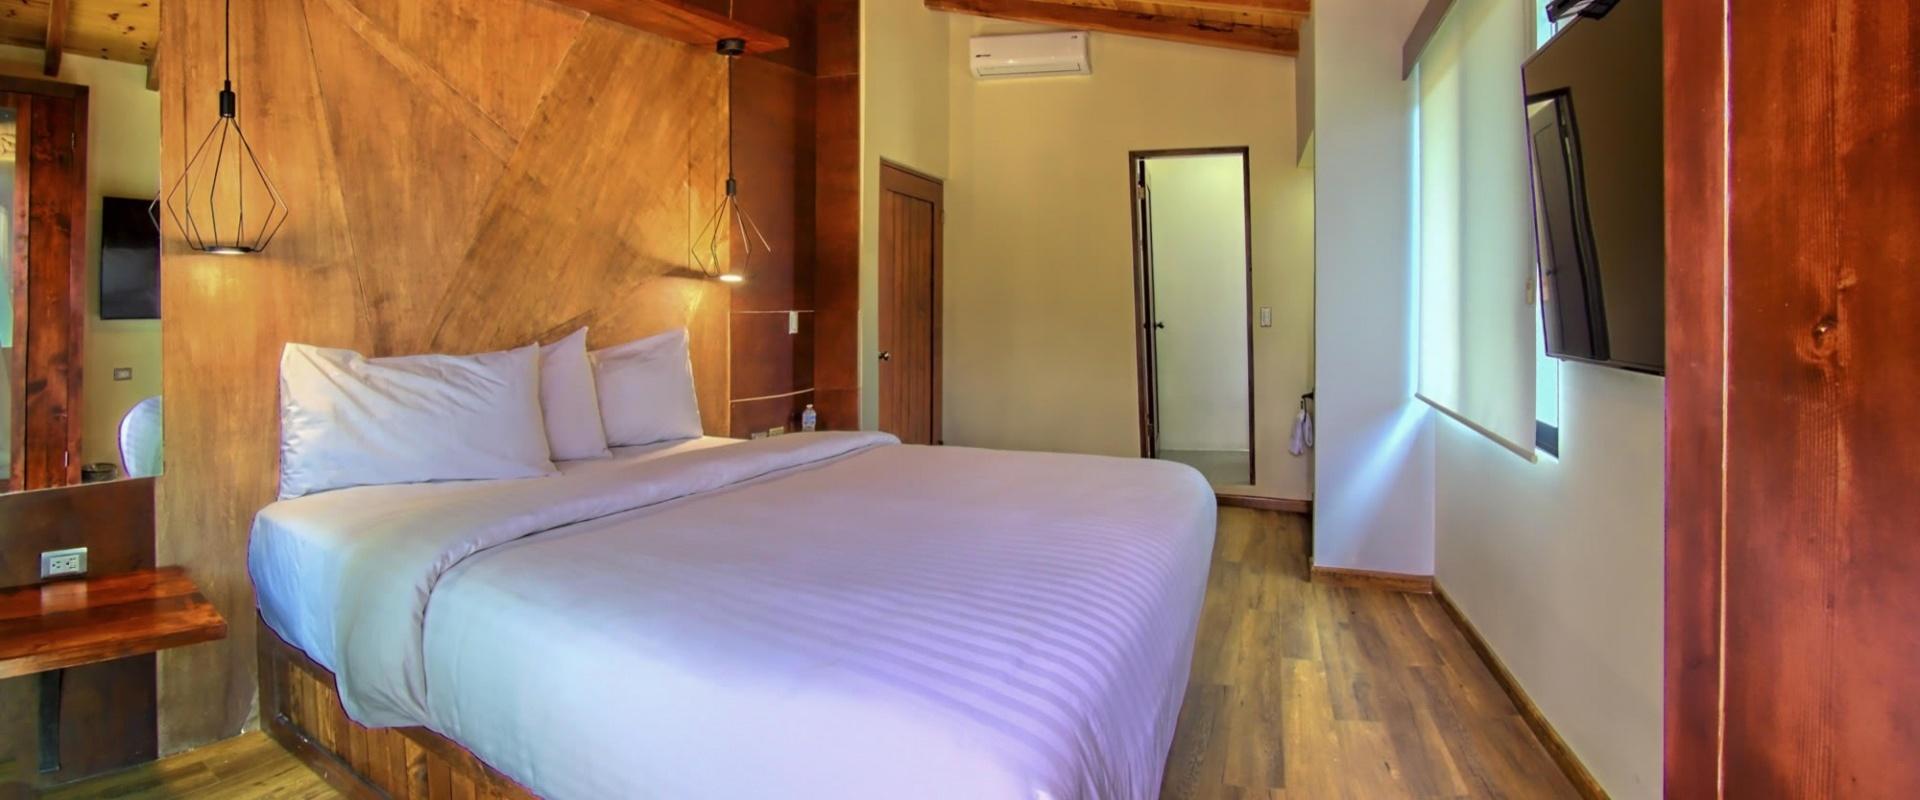 Hotel Bottega